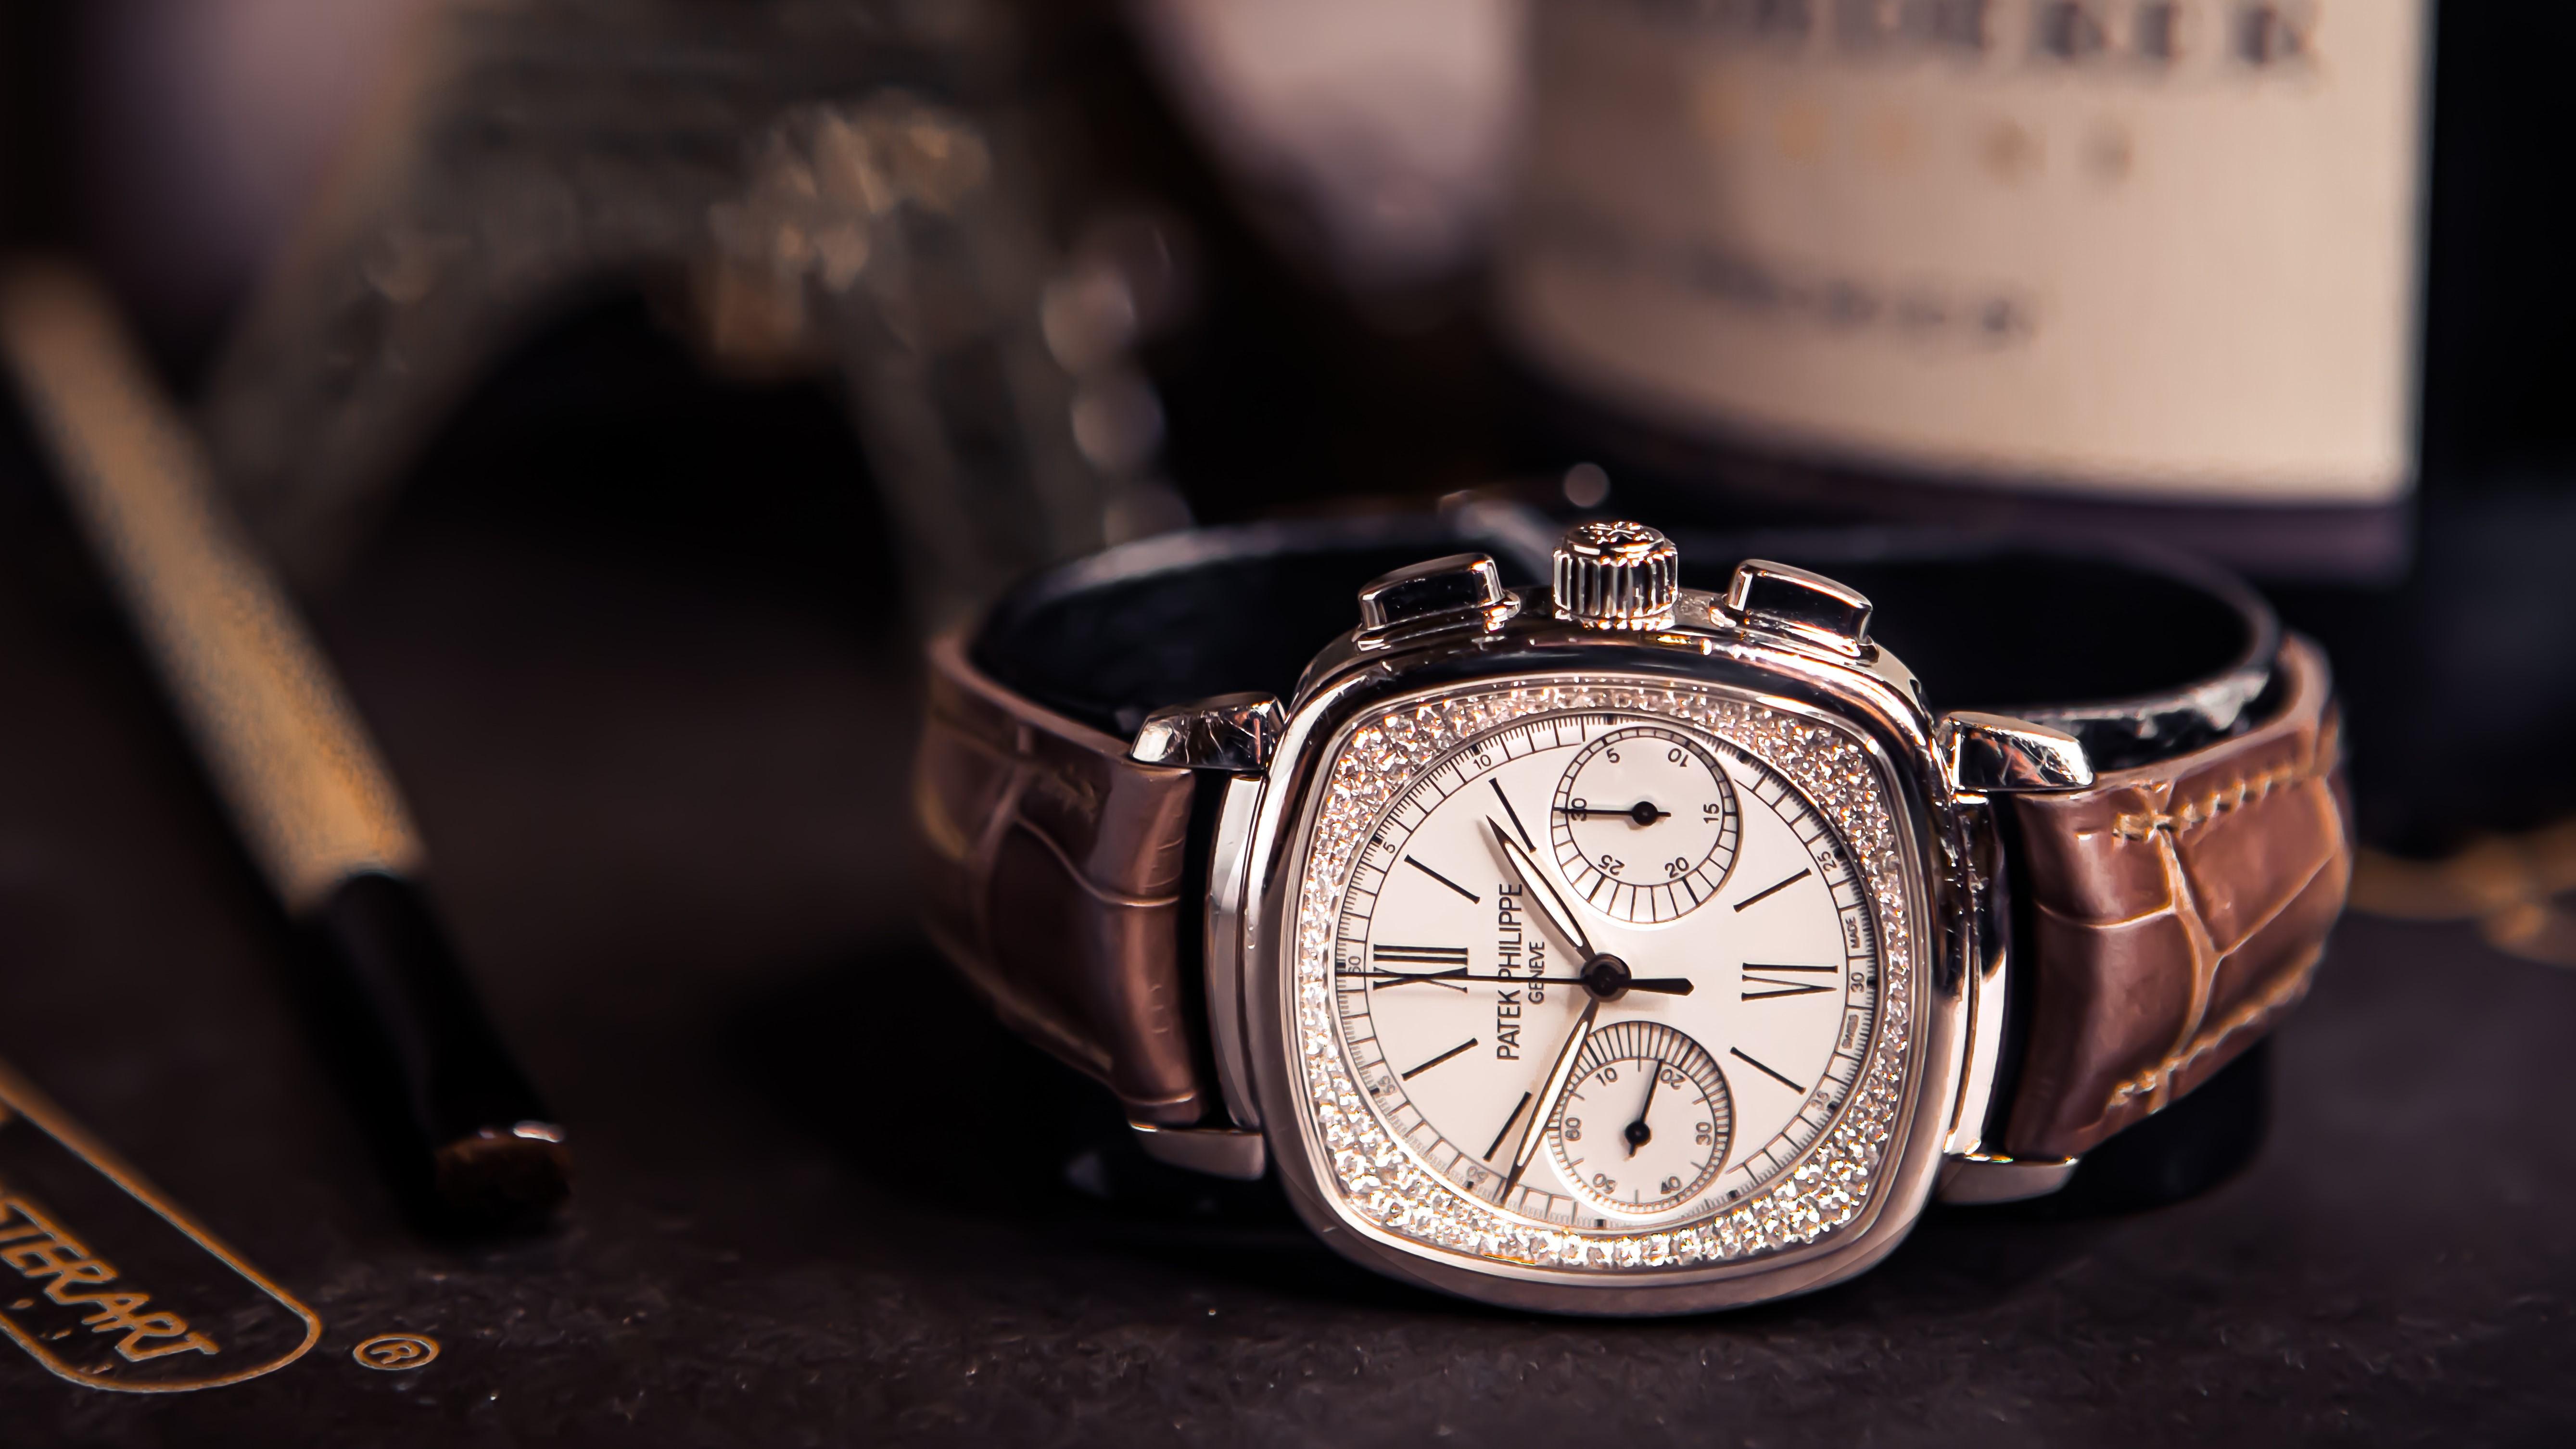 Buying, Selling & Repairing Vintage Watches in Hong Kong